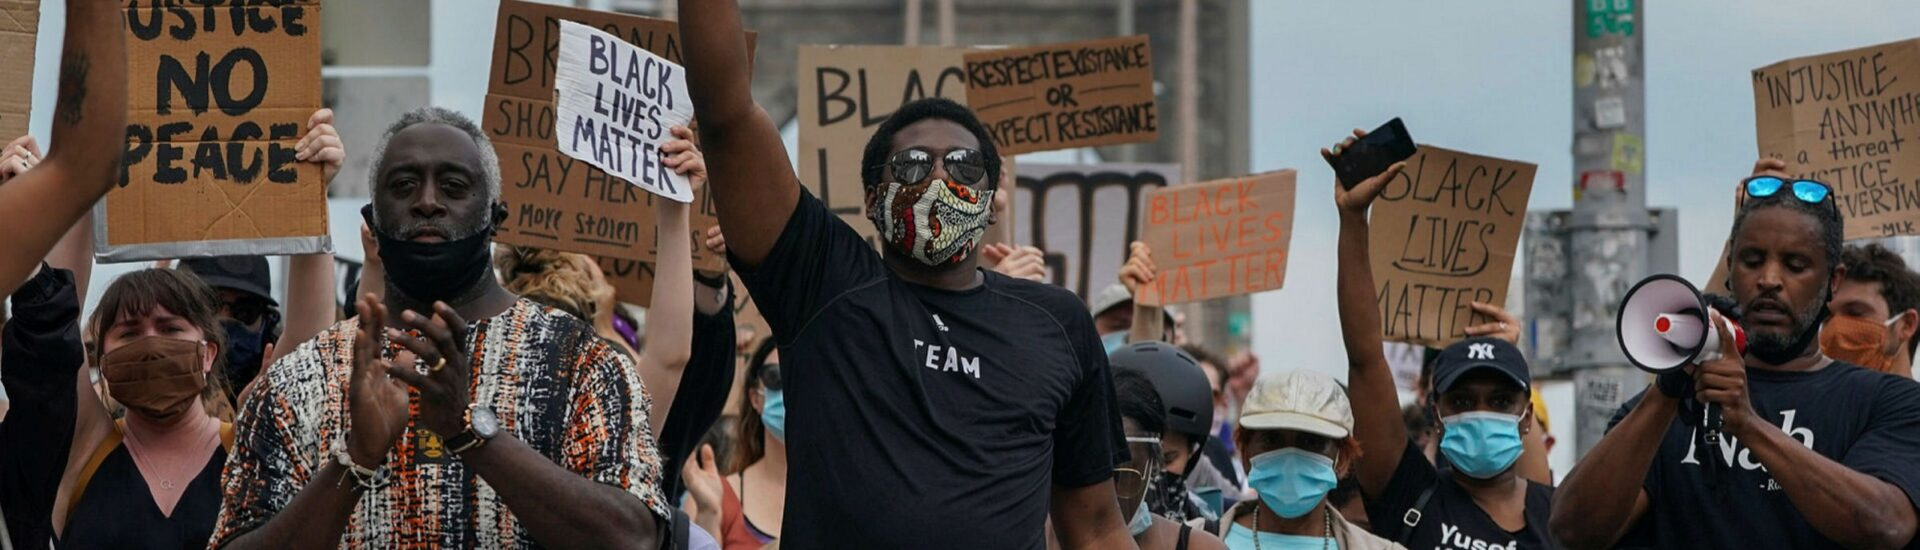 ΗΠΑ: Ρατσισμός, αστυνομική βία και καπιταλισμός